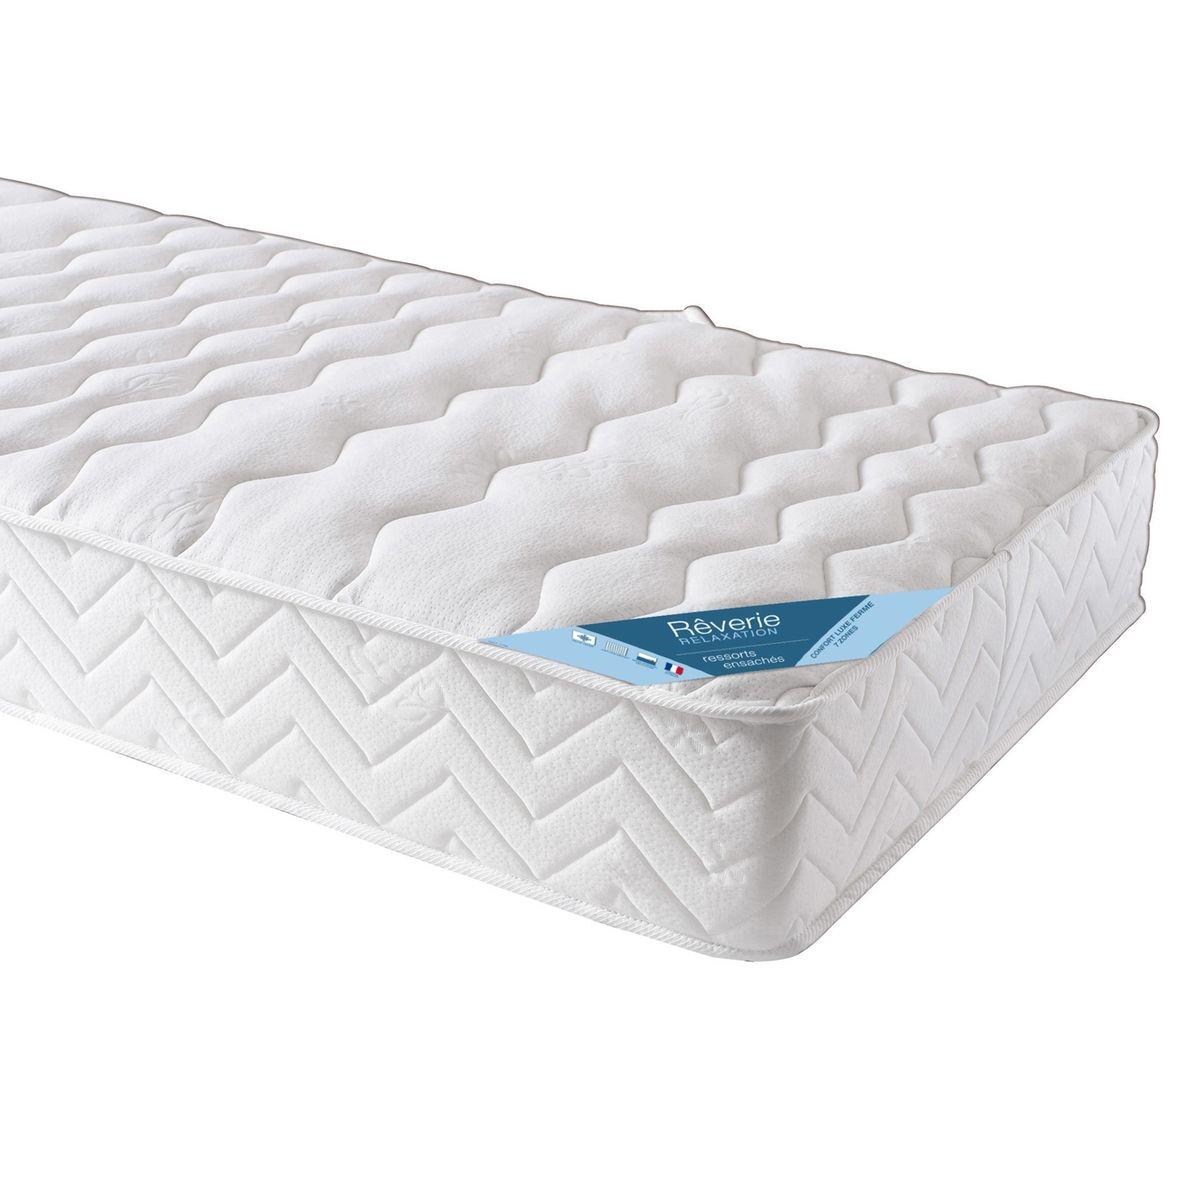 matelas ressorts ensach s 7 zones confort luxe vendu par la redoute 3758311. Black Bedroom Furniture Sets. Home Design Ideas